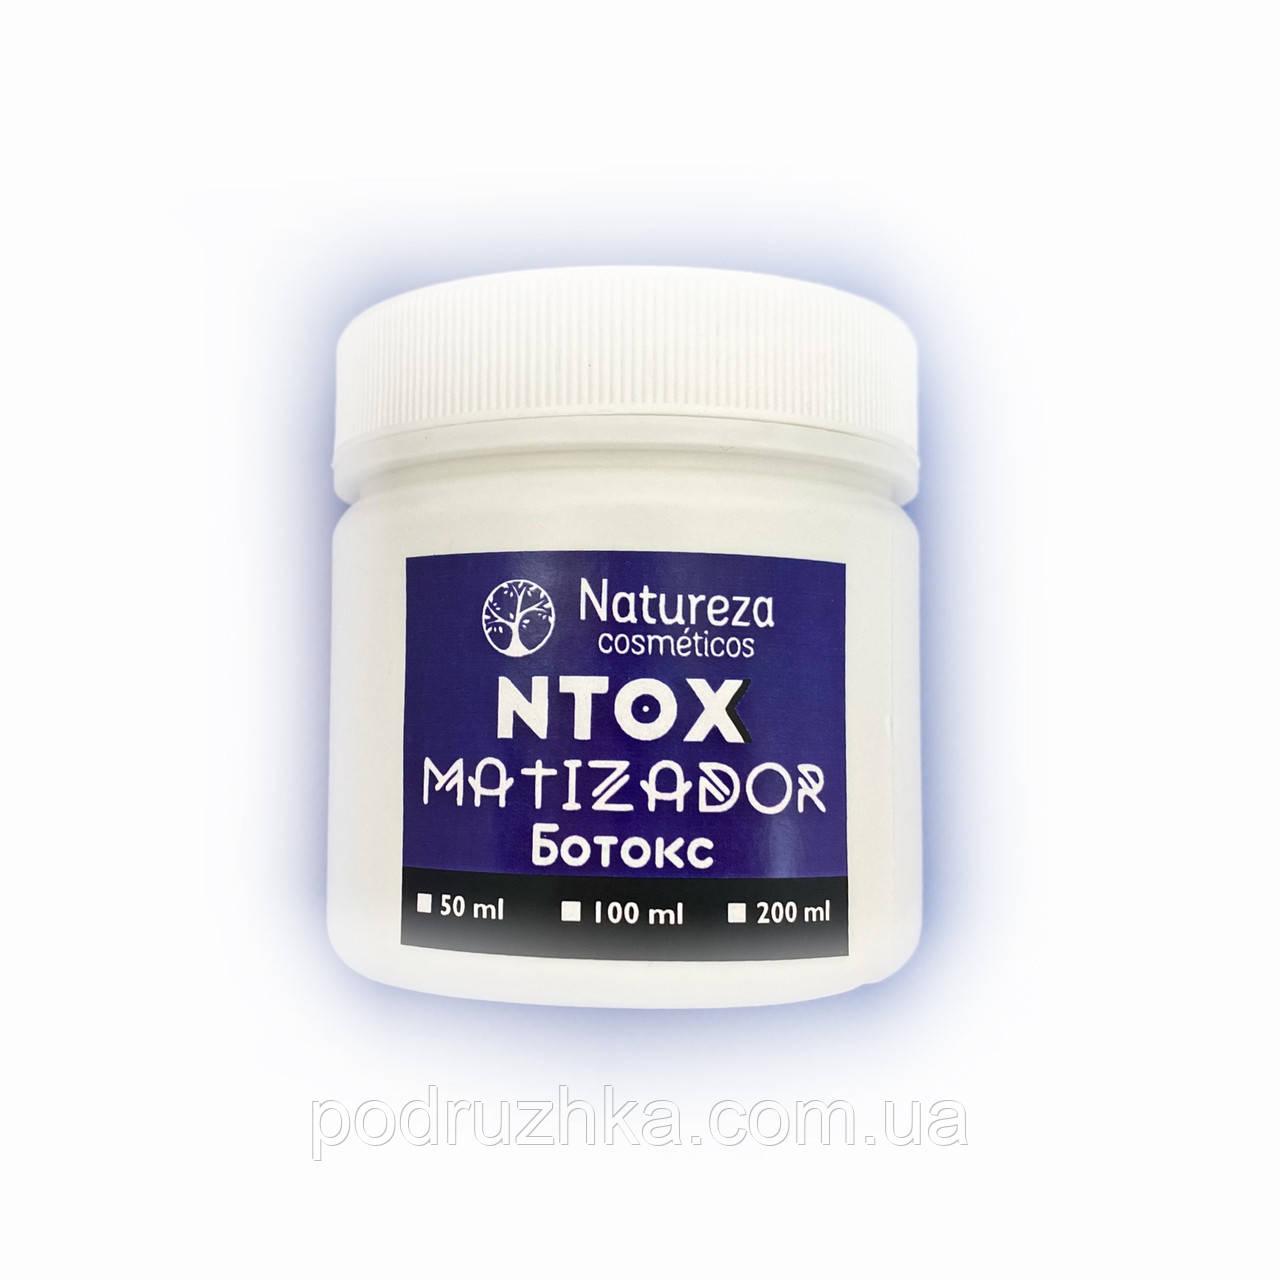 Бoтoкc Natureza NTOX Matizador, 100 мл